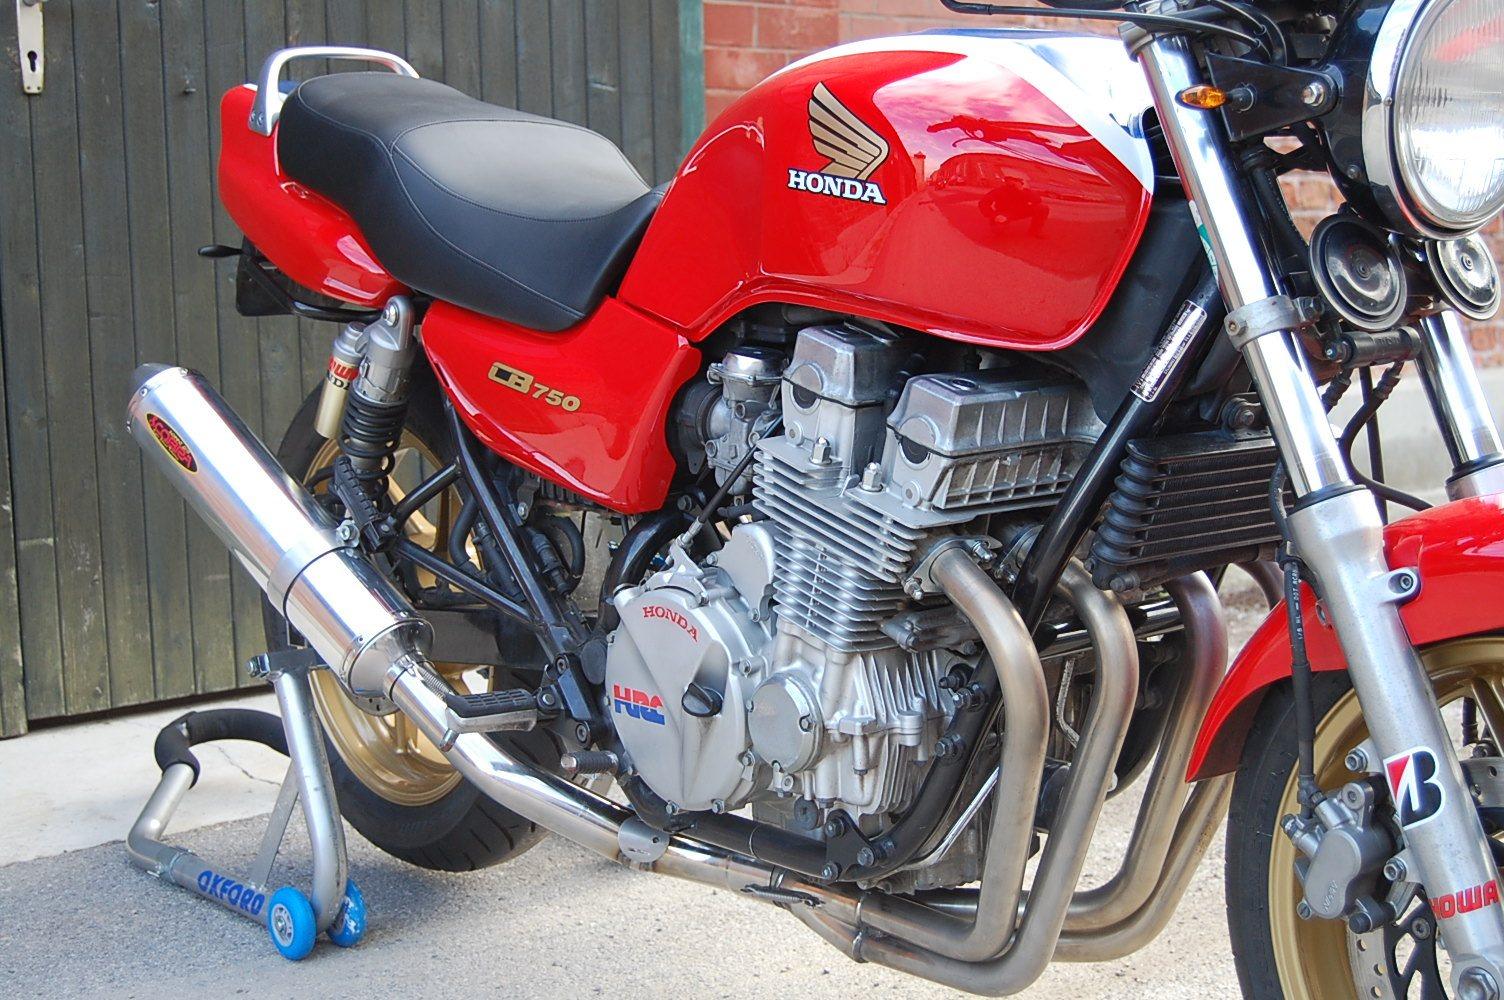 details zum custom bike honda cb 750 sevenfifty des. Black Bedroom Furniture Sets. Home Design Ideas